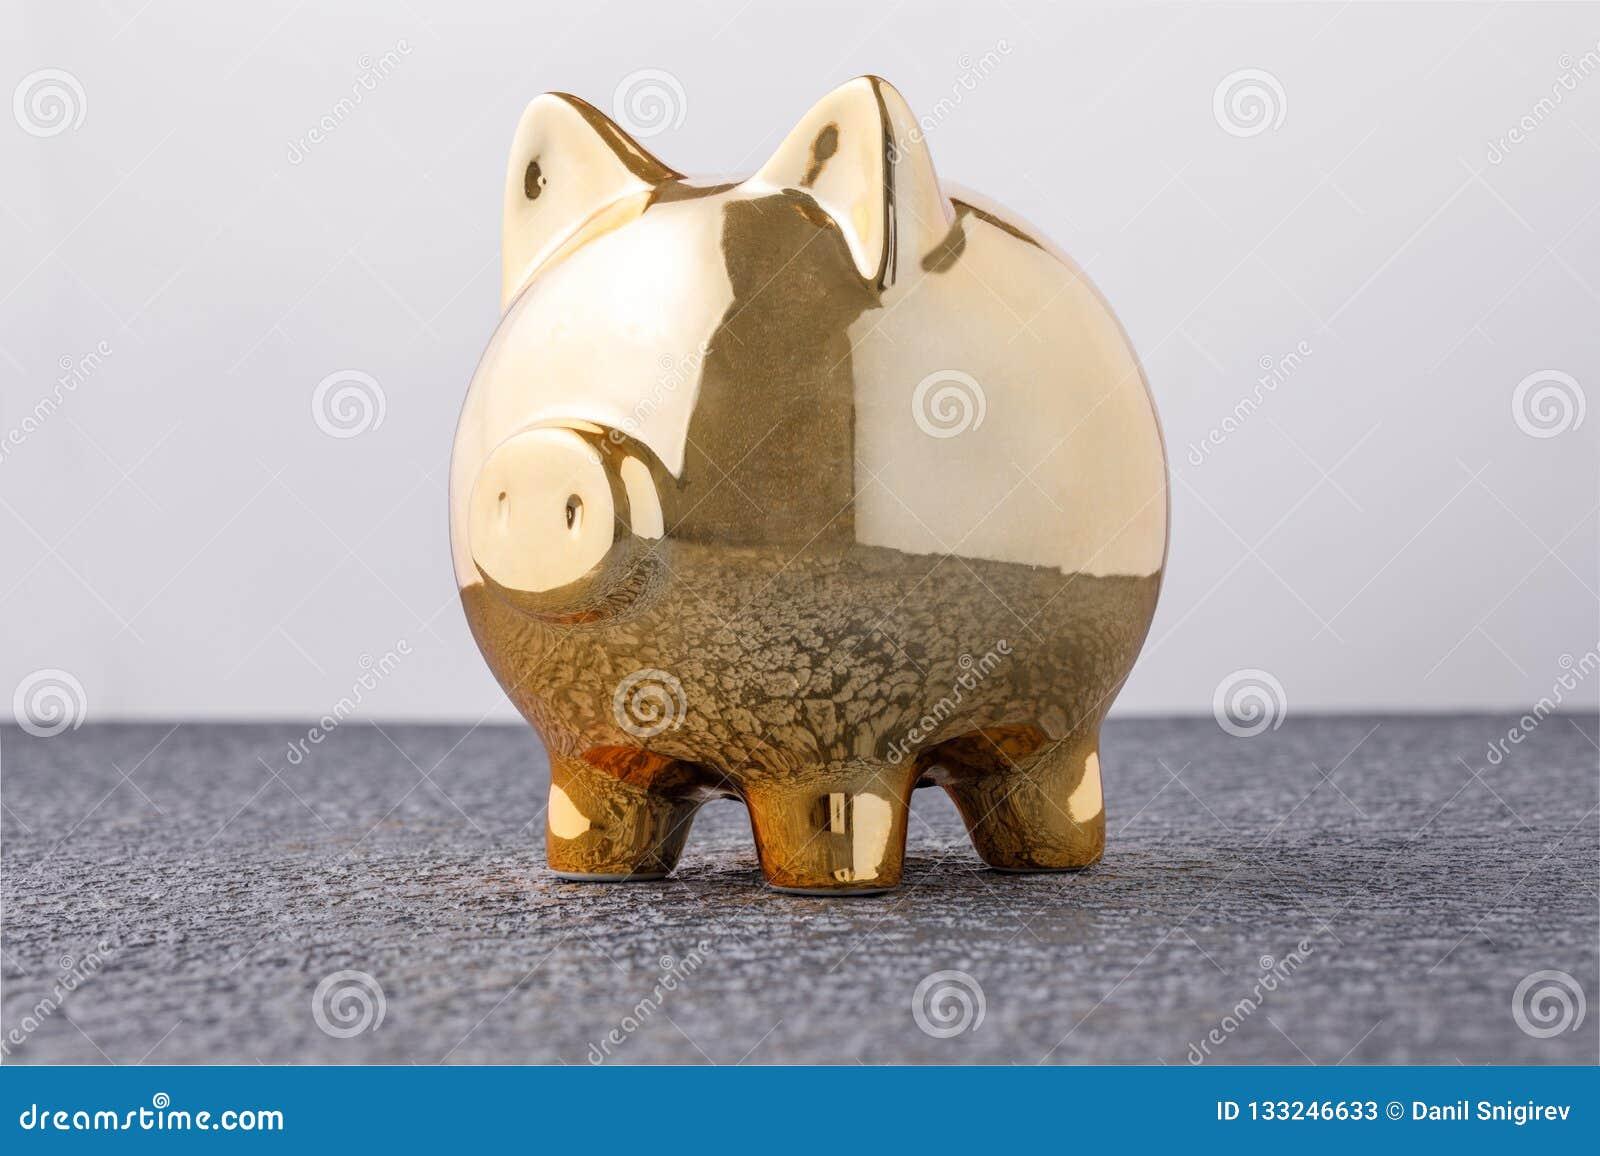 Varkensspaarpot gouden op zwart concept als achtergrond financiële verzekering, bescherming, veilig investering of bankwezen